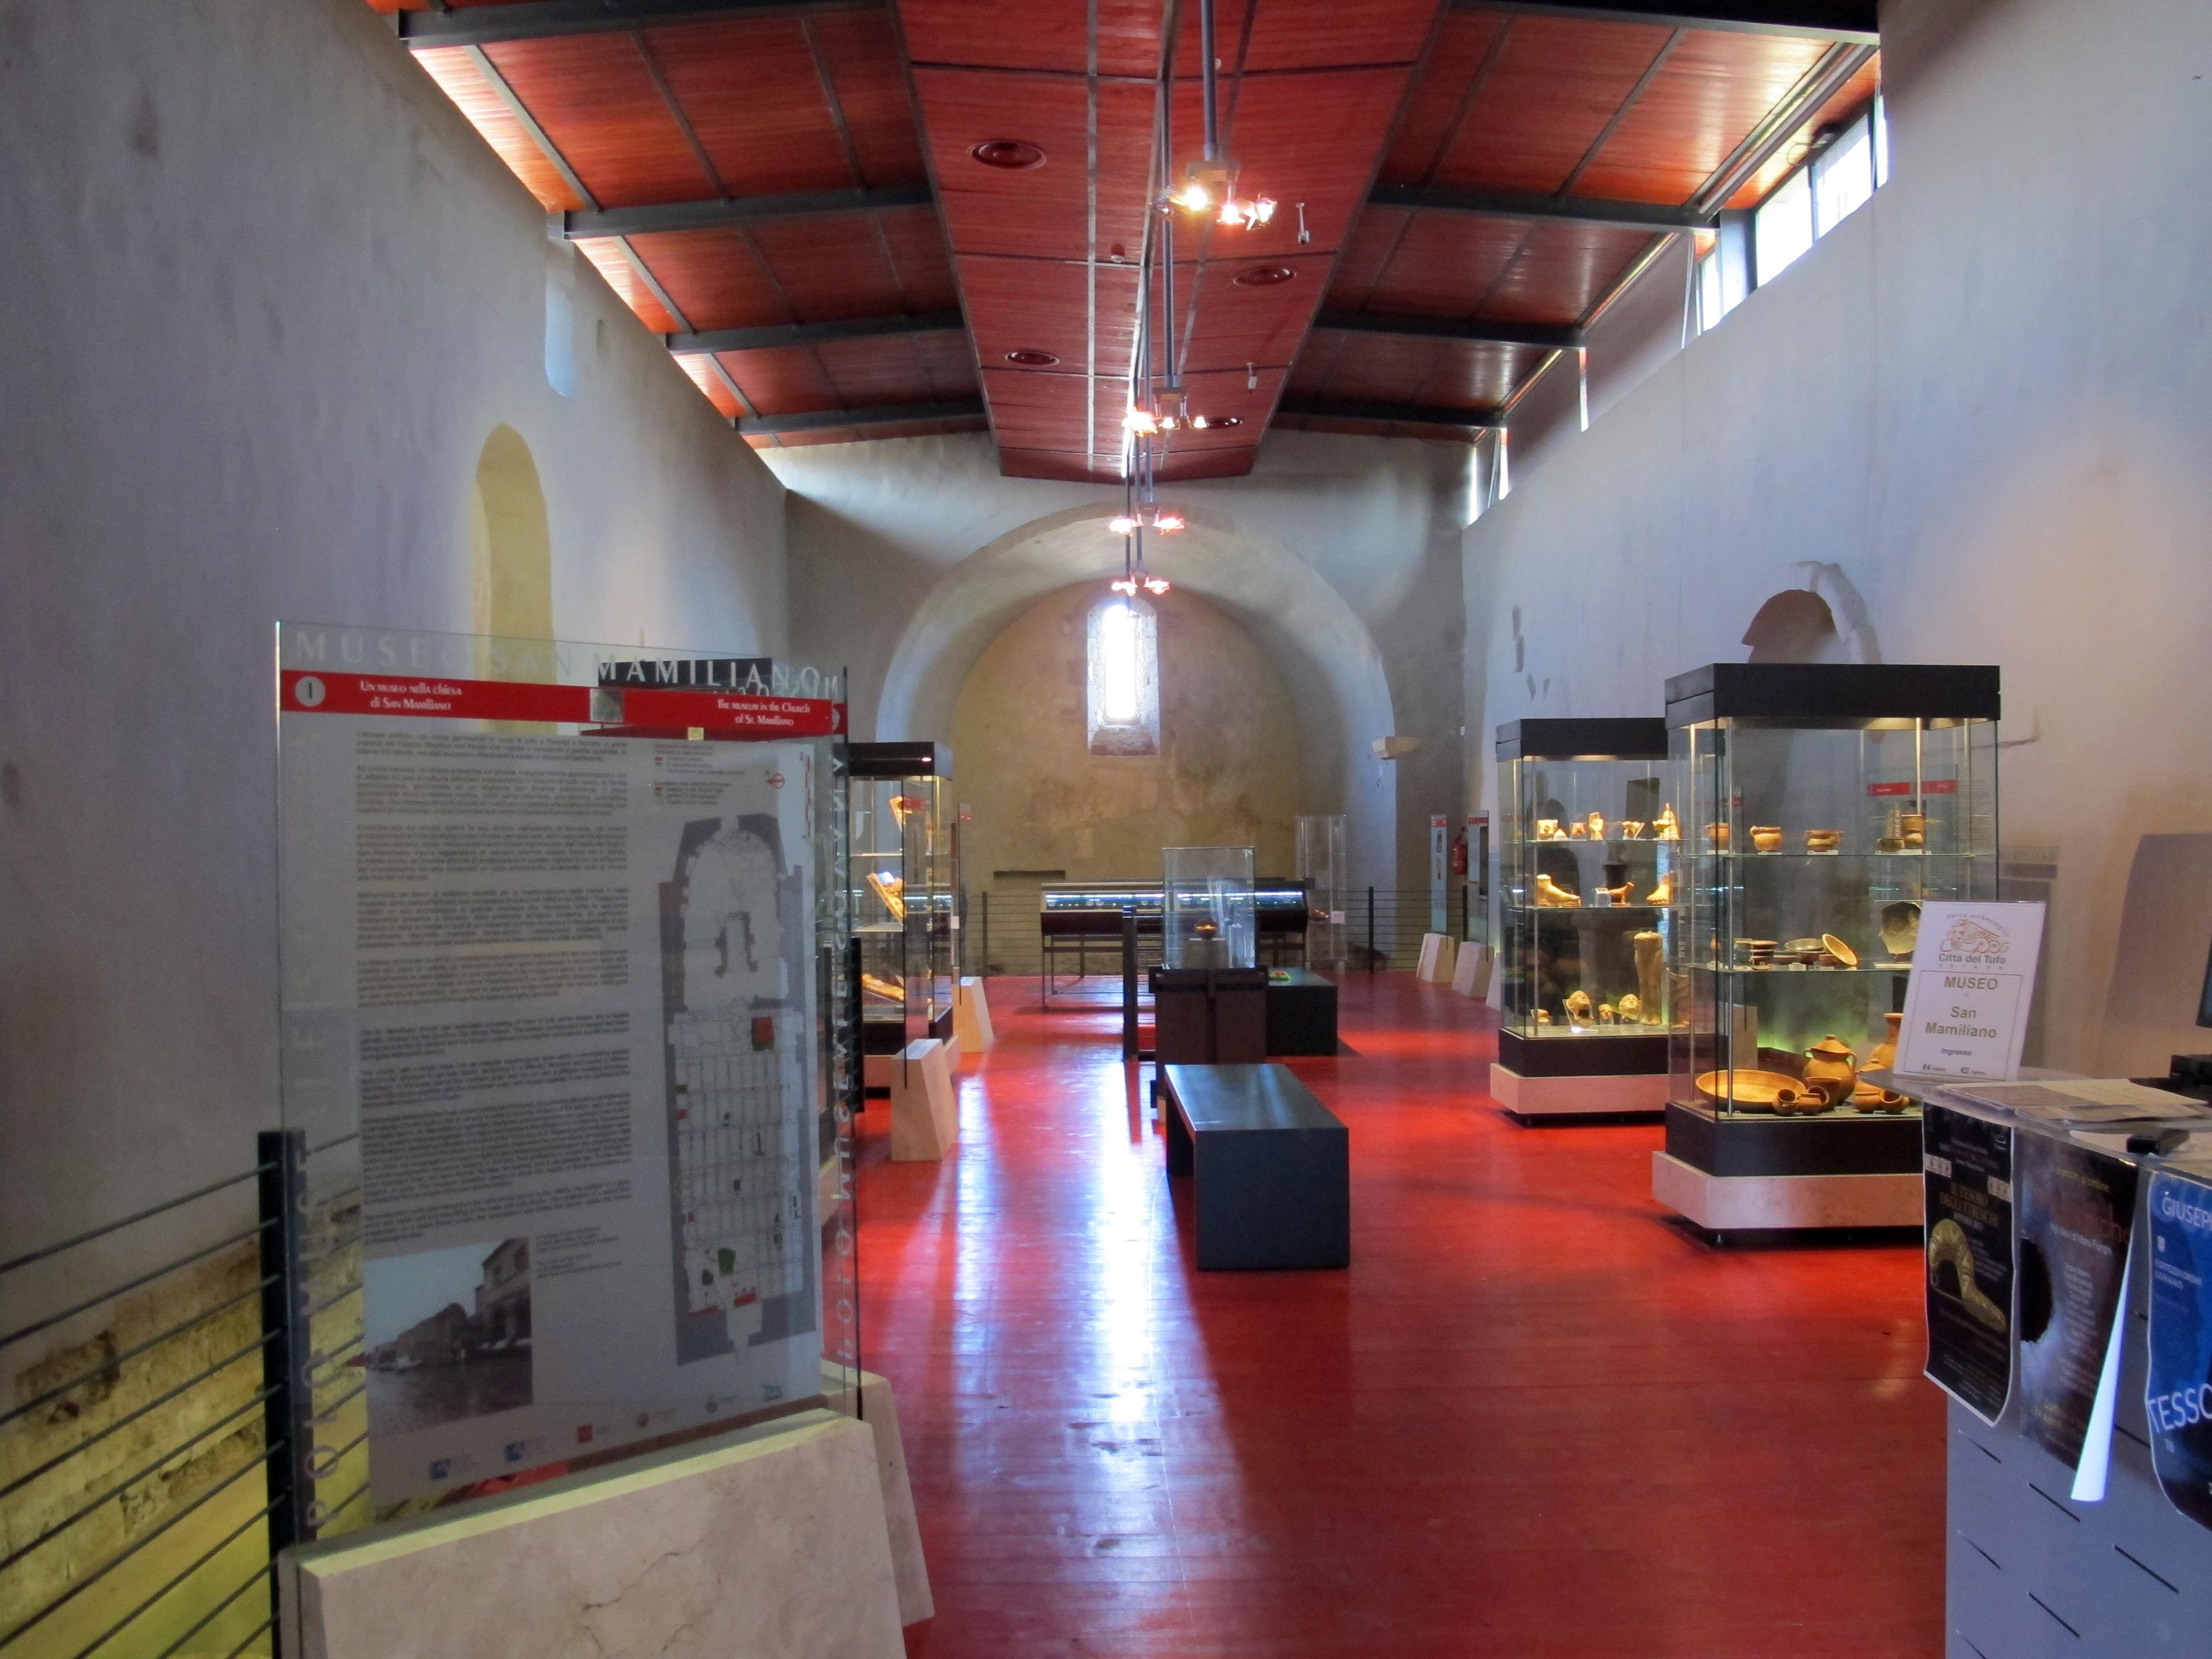 Museo di san mamiliano, interno, 01.JPG